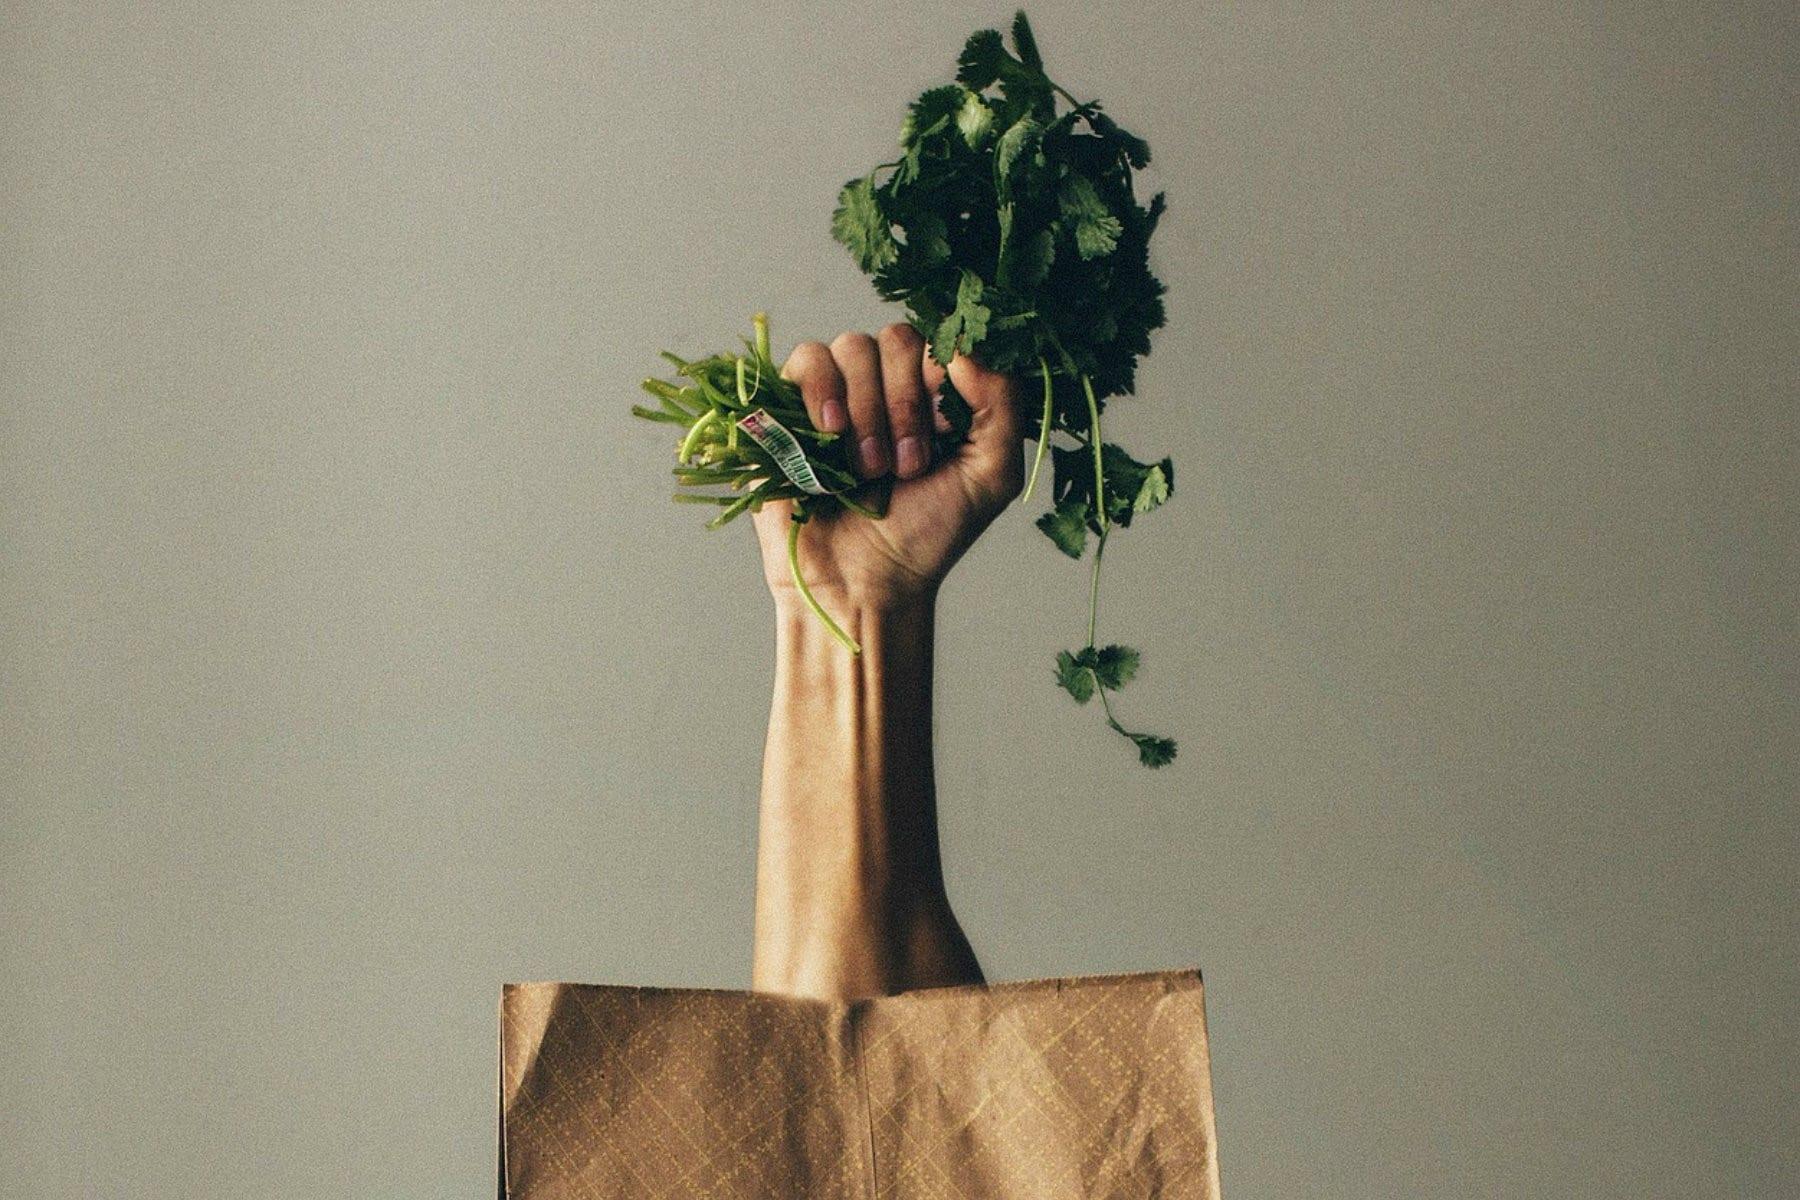 Ösztrögén csökkentés élelmiszerek